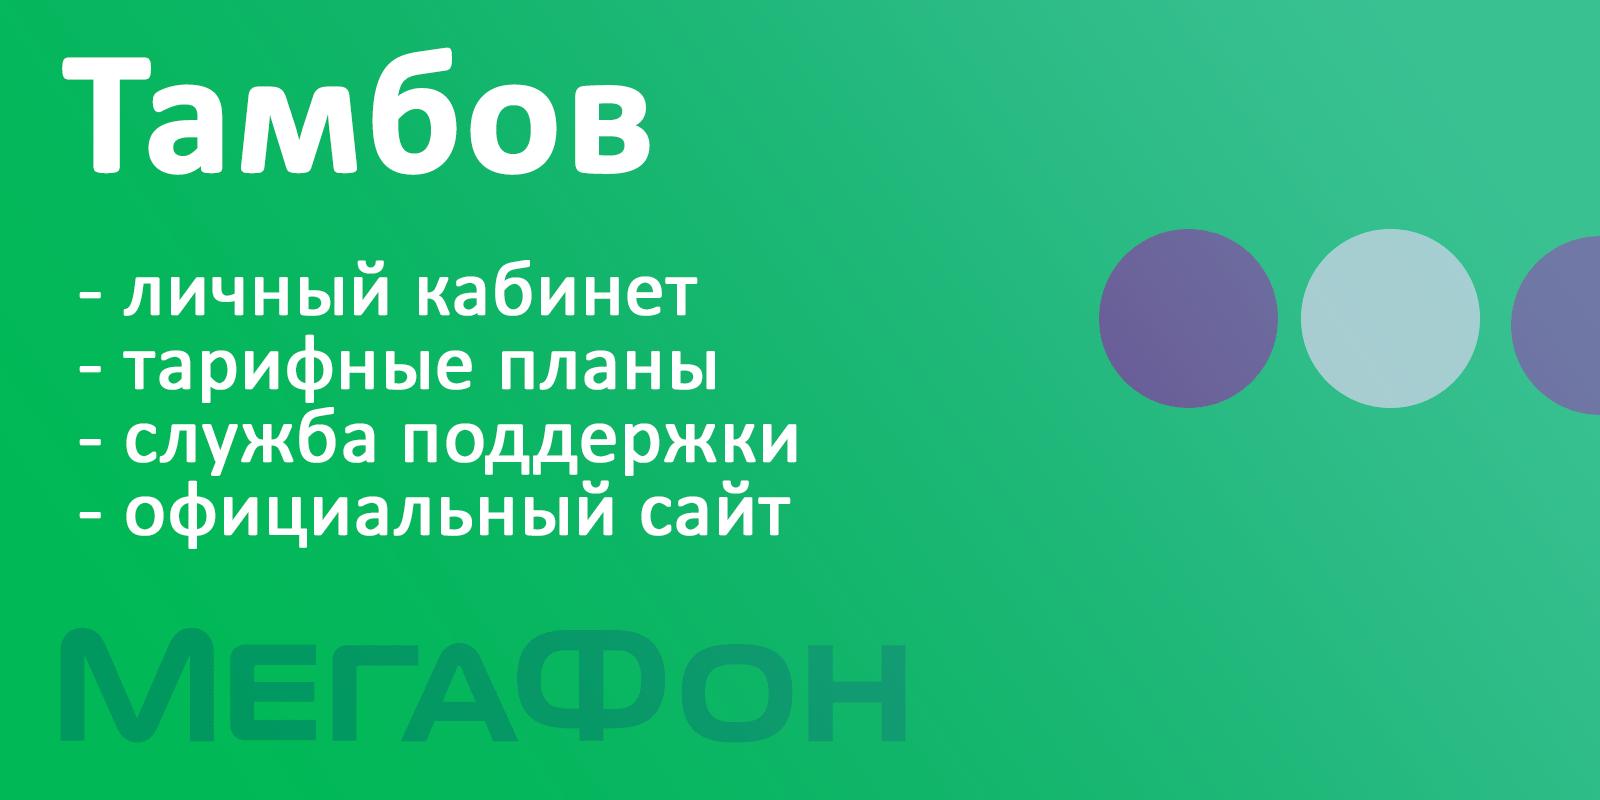 Мегафон Тамбов - официальный сайт, тарифы, личный кабинет